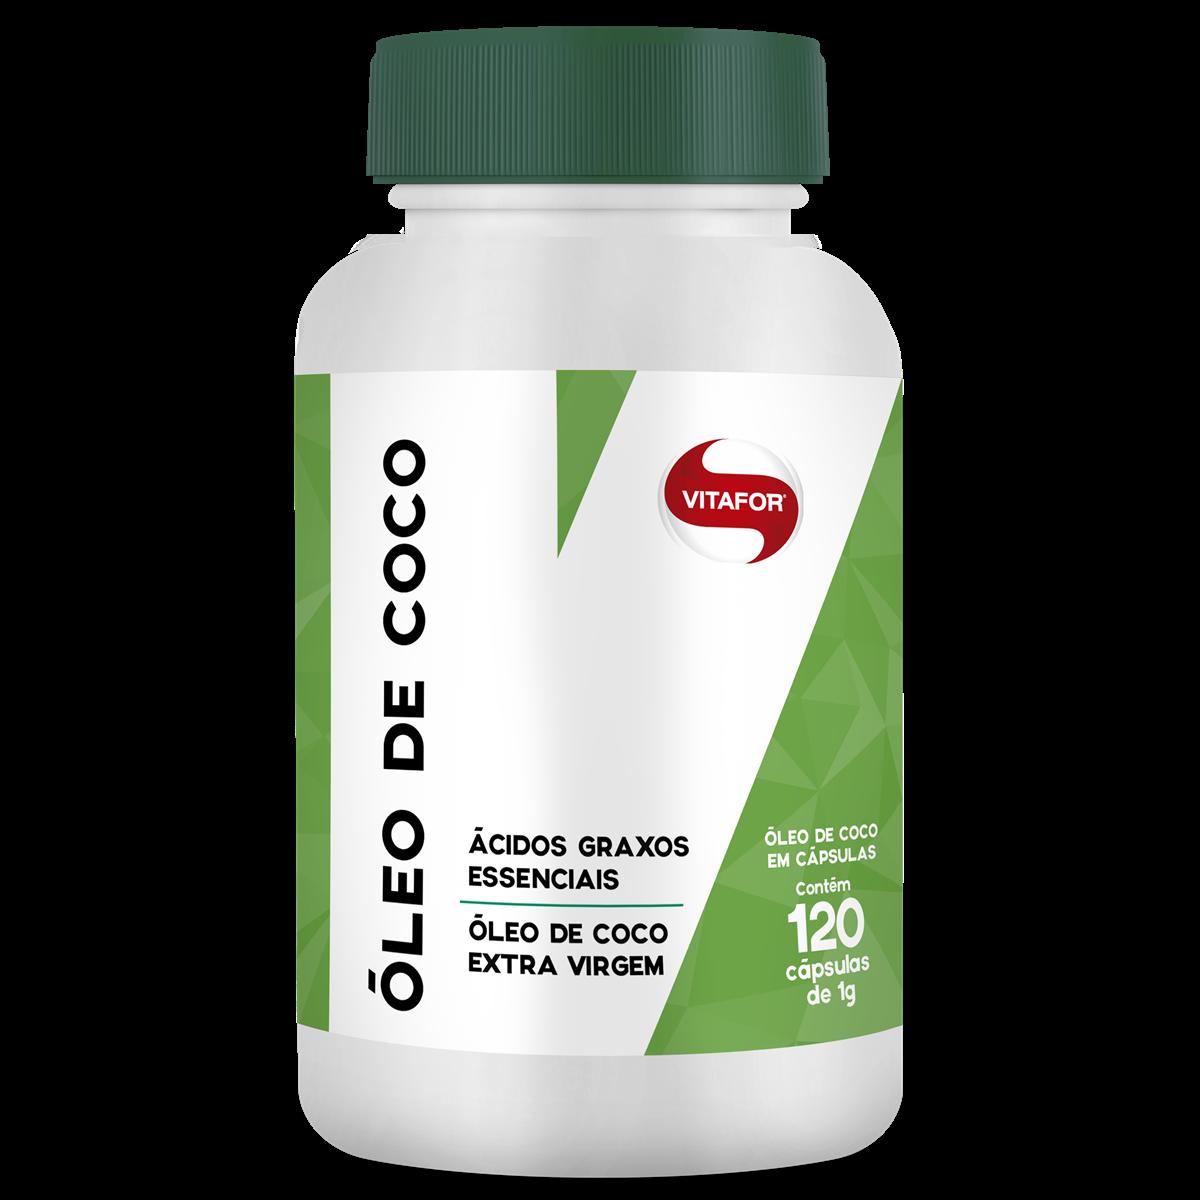 OLEO DE COCO 120 CAPSULAS - VITAFOR